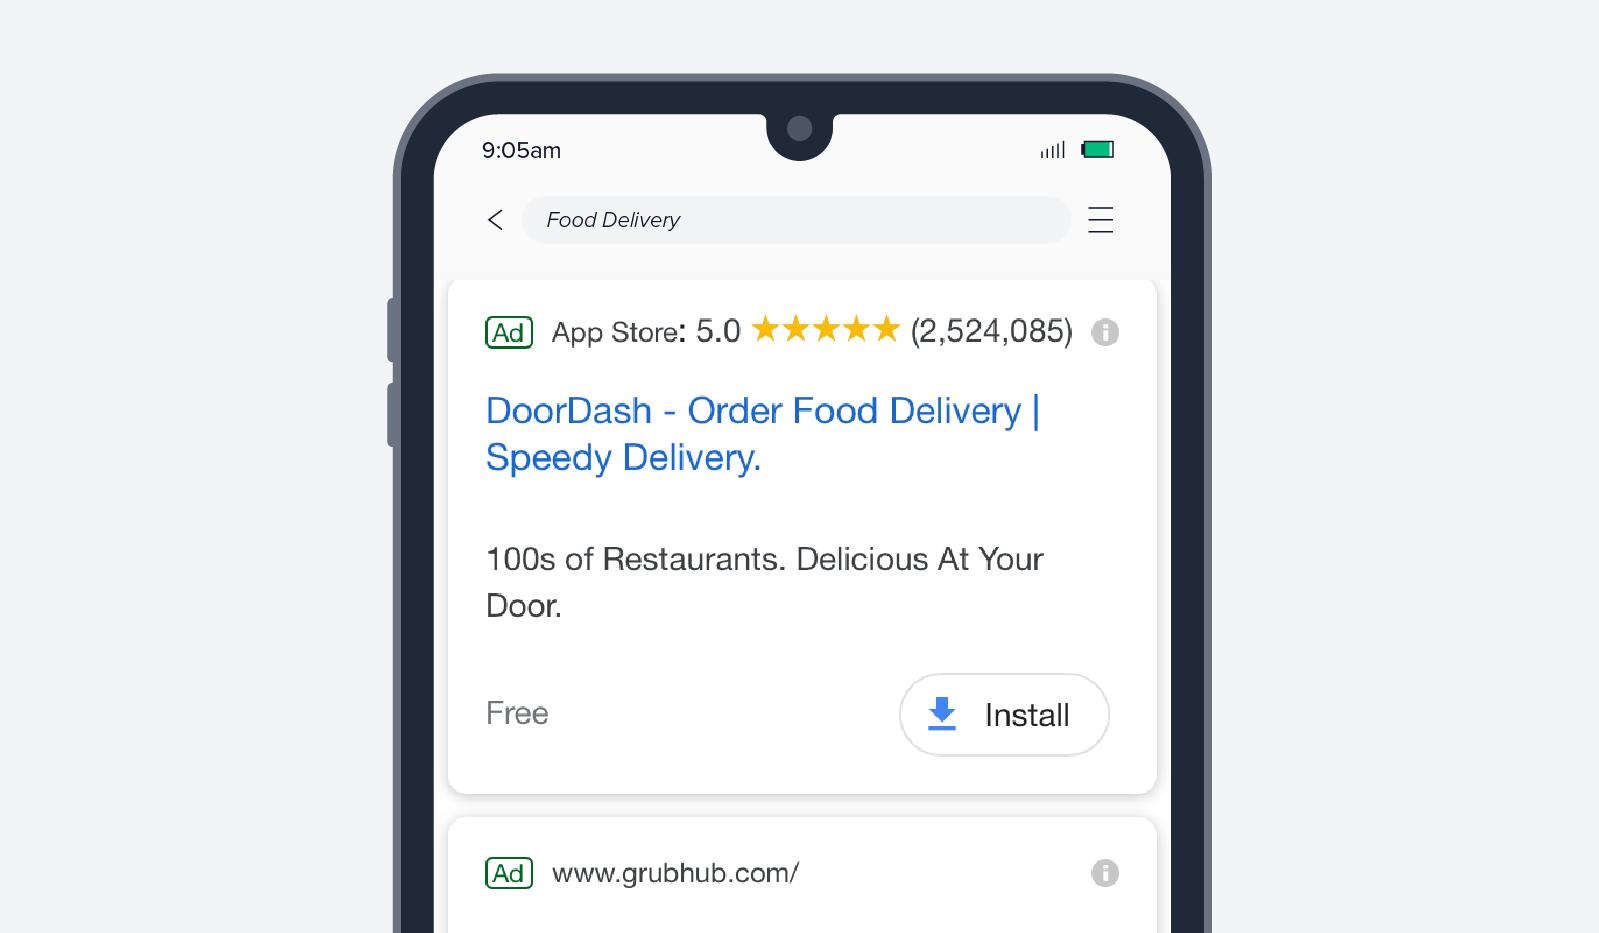 DoorDash app install ad